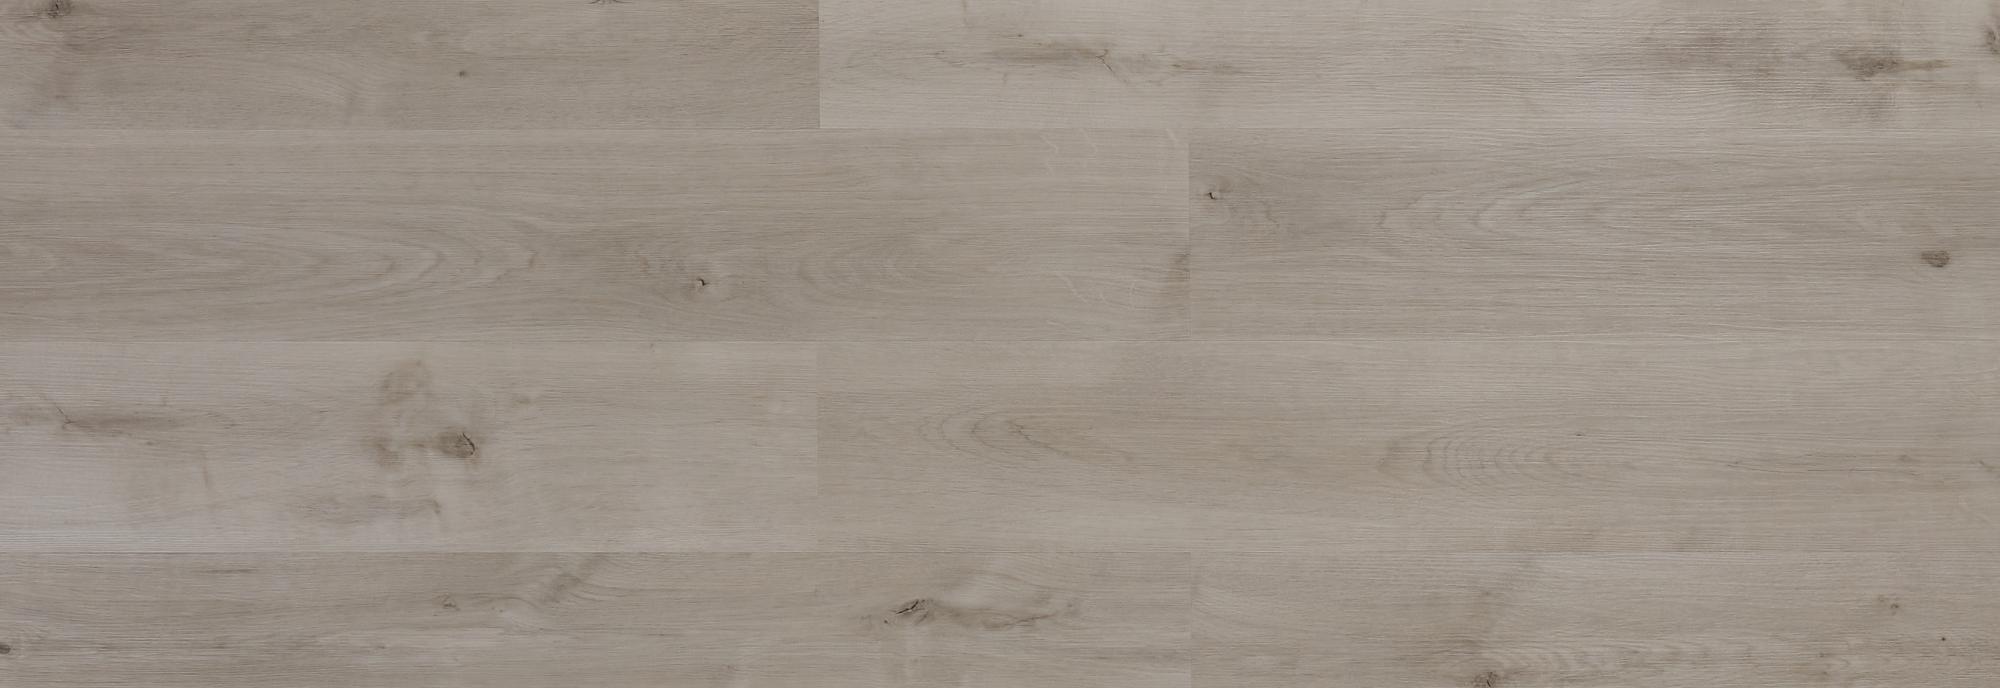 NOMAD FLO - NF10511 Ceuta Promo - Vinylová podlaha s kompozitním jádrem - Click